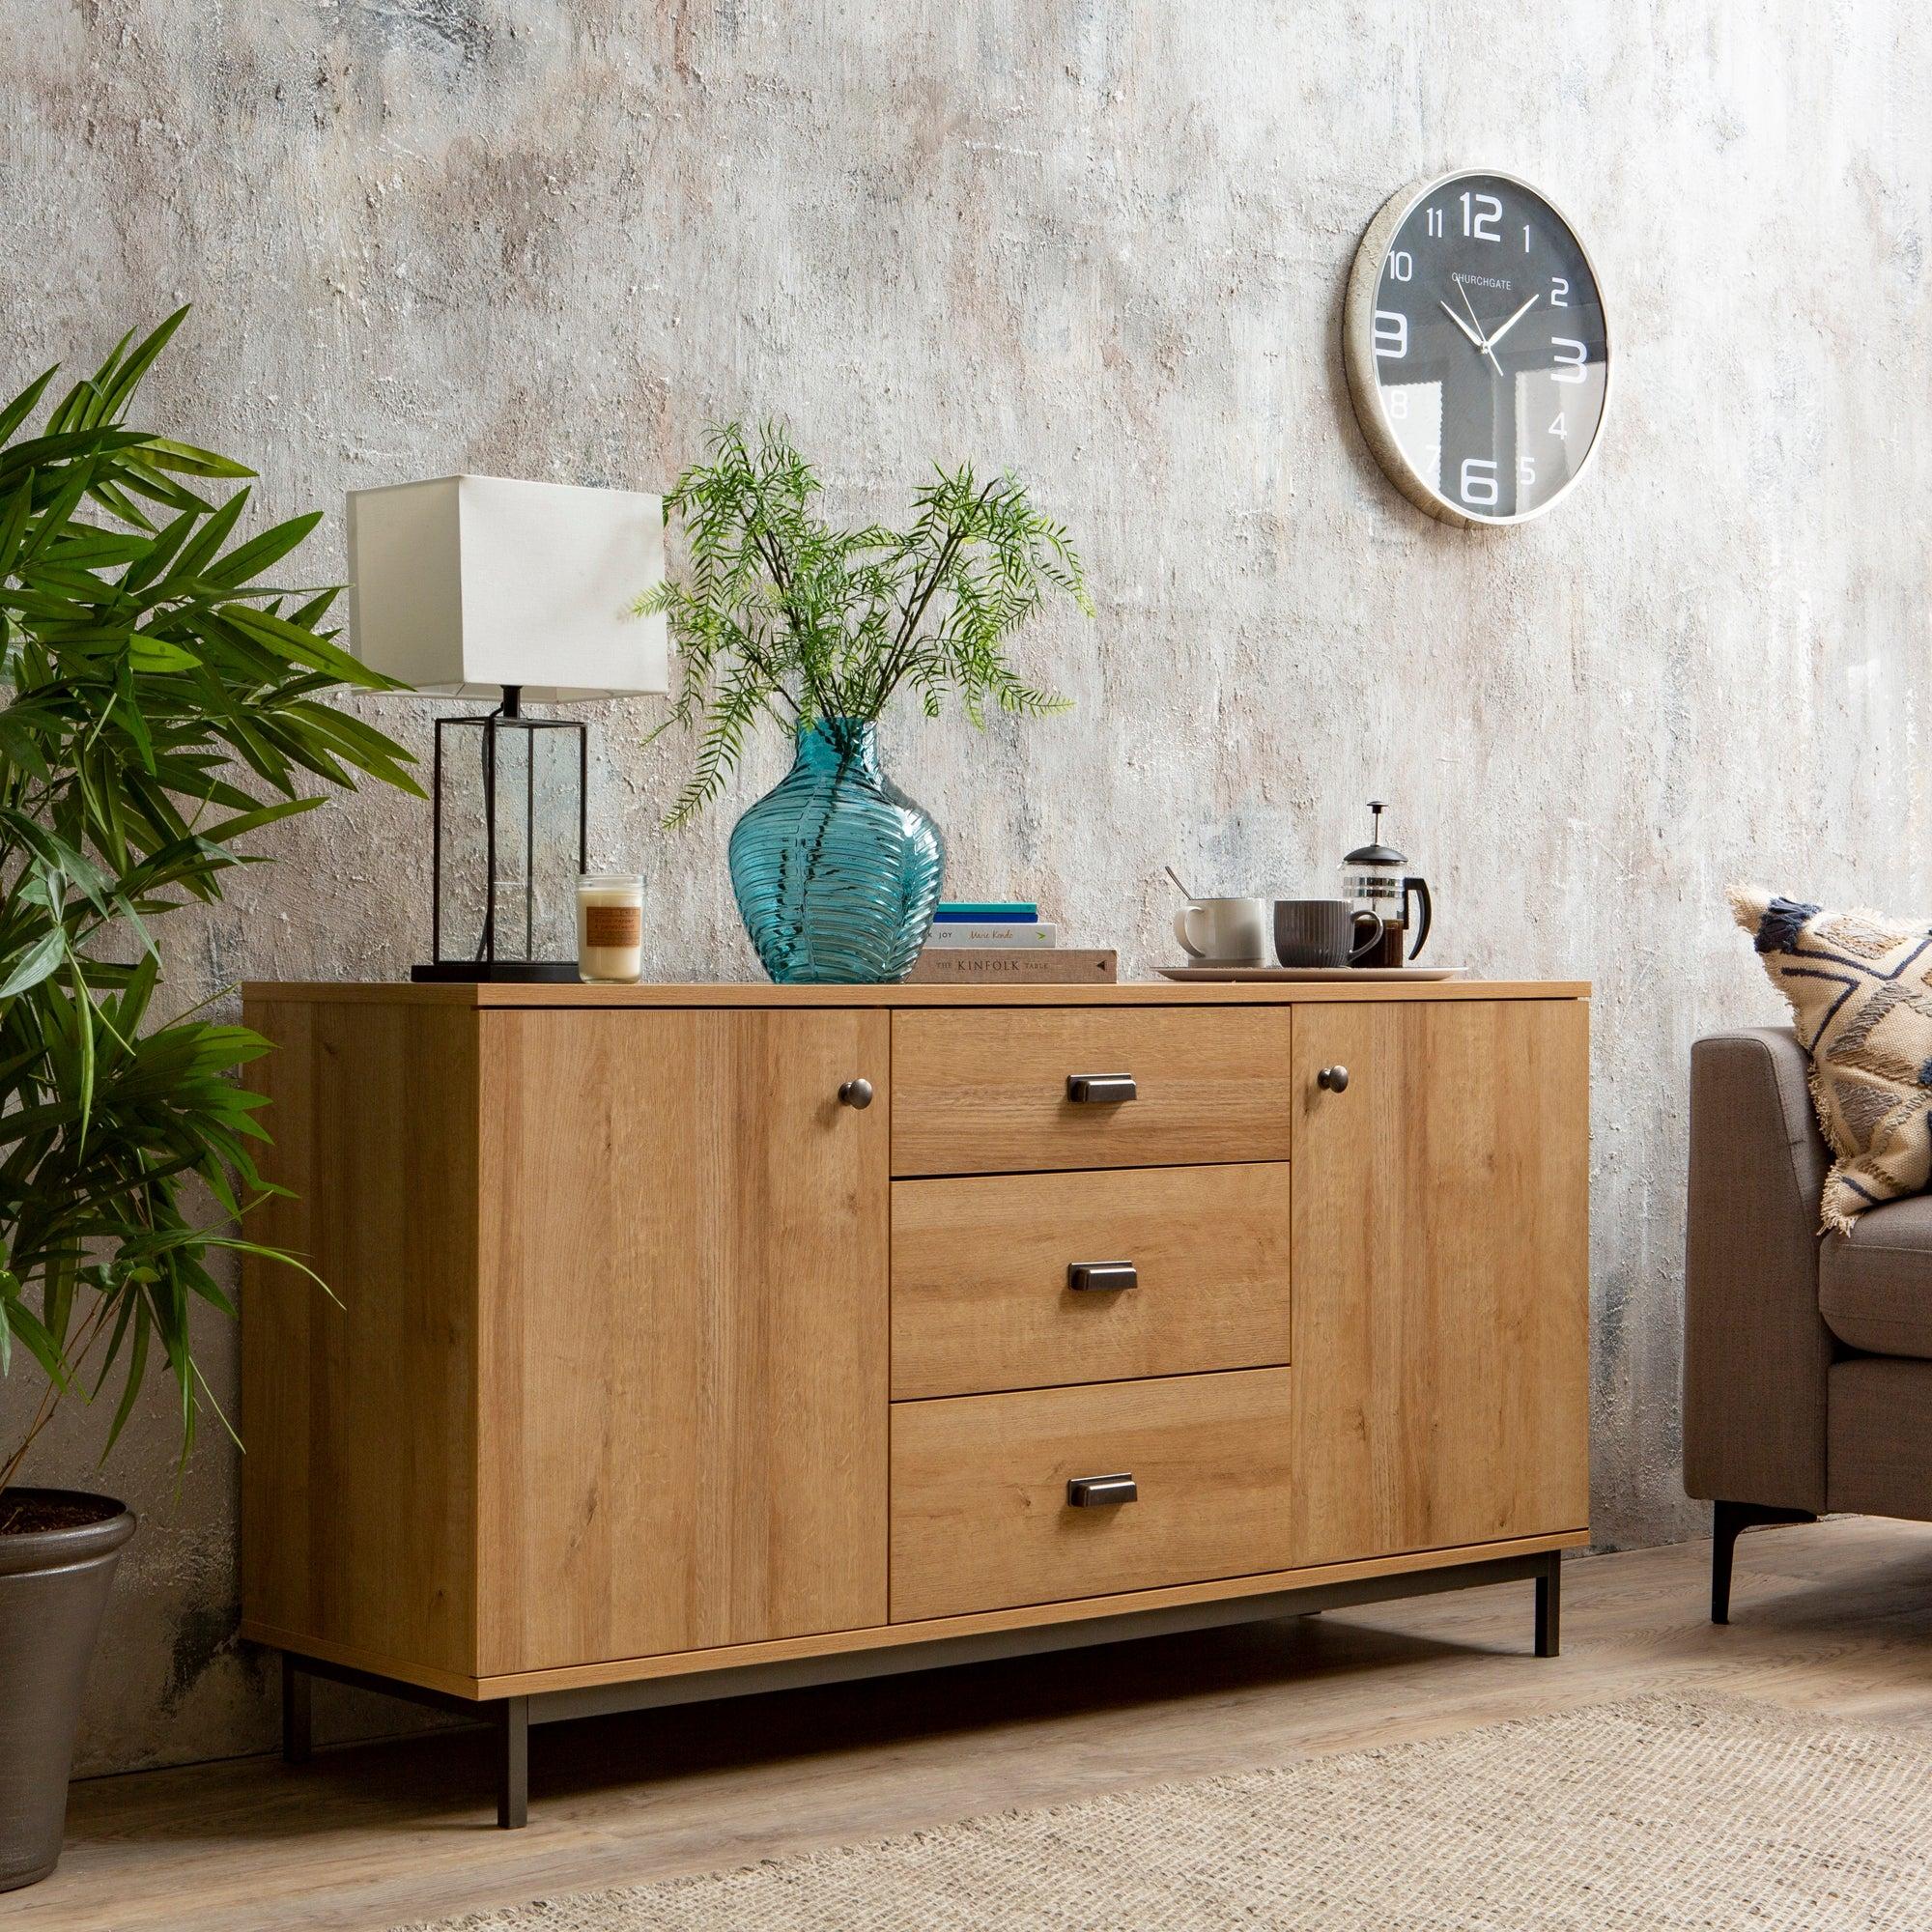 Fulton Oak Effect Large Sideboard Brown